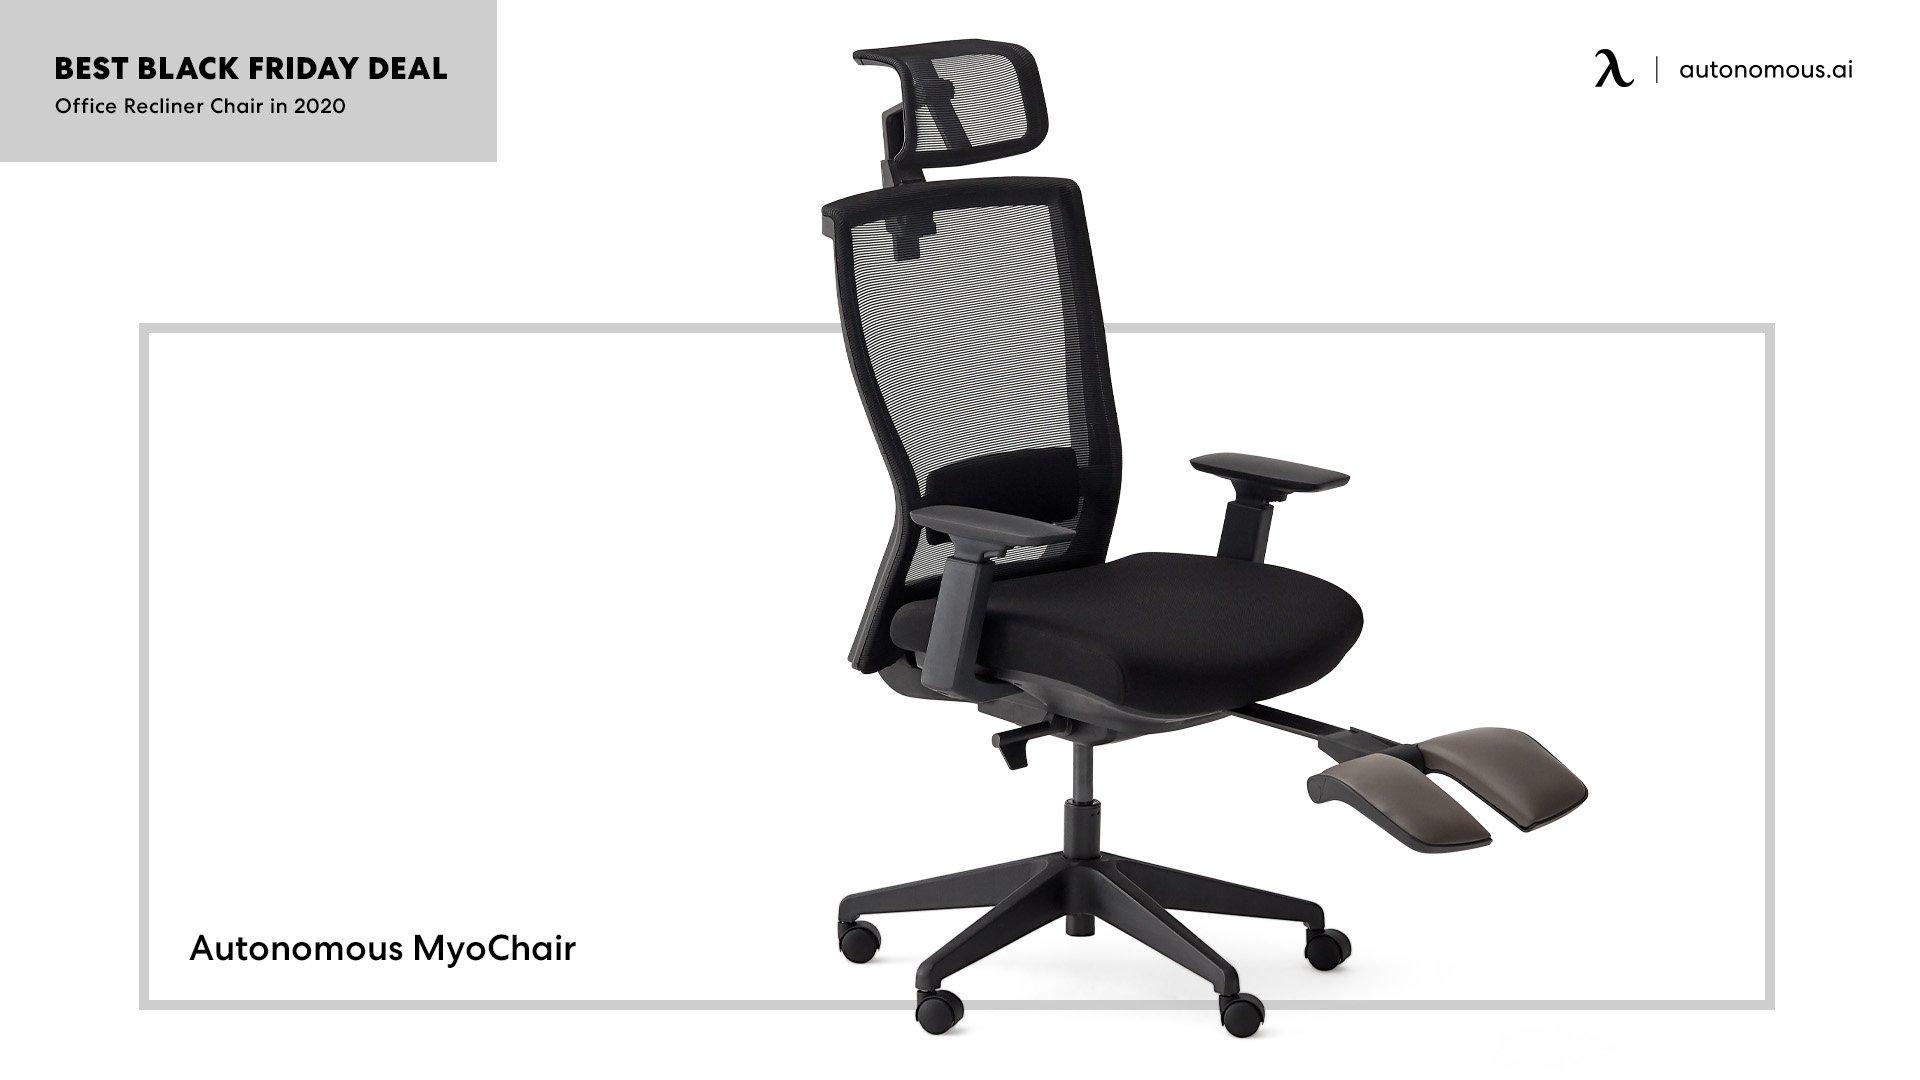 Autonomous also supplies the MyoChair